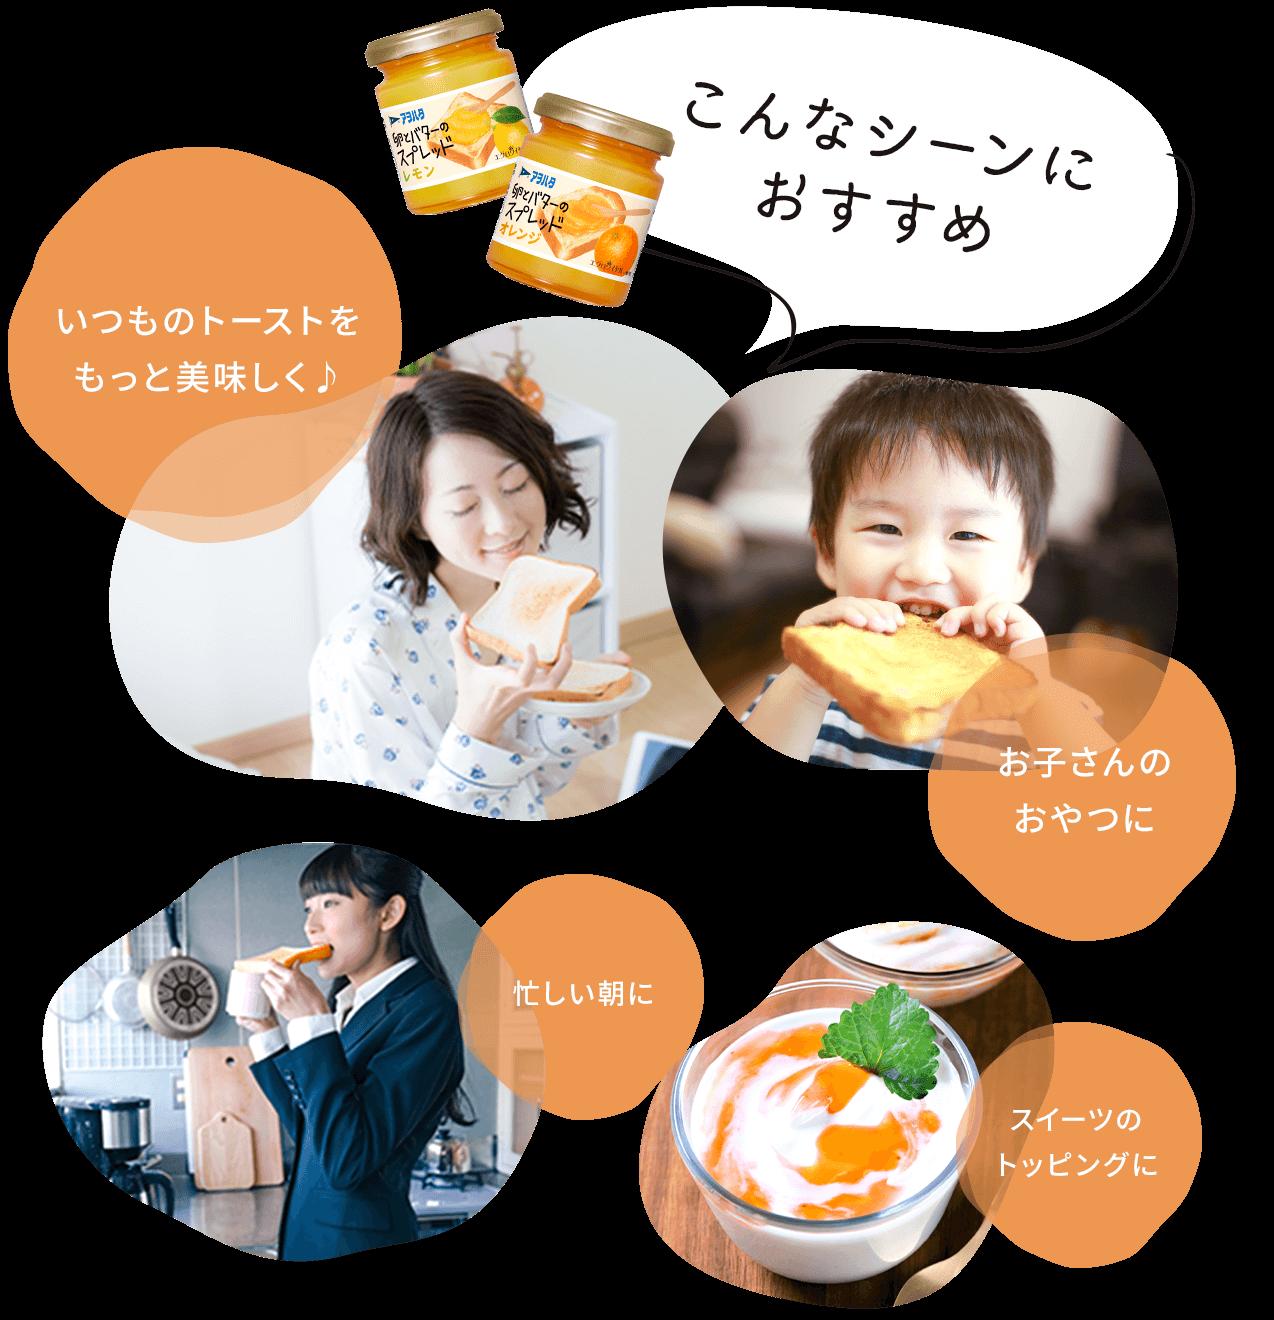 こんなシーンにおすすめ いつものトーストをもっと美味しく♪ お子さんのおやつに 忙しい朝に スイーツのトッピングに